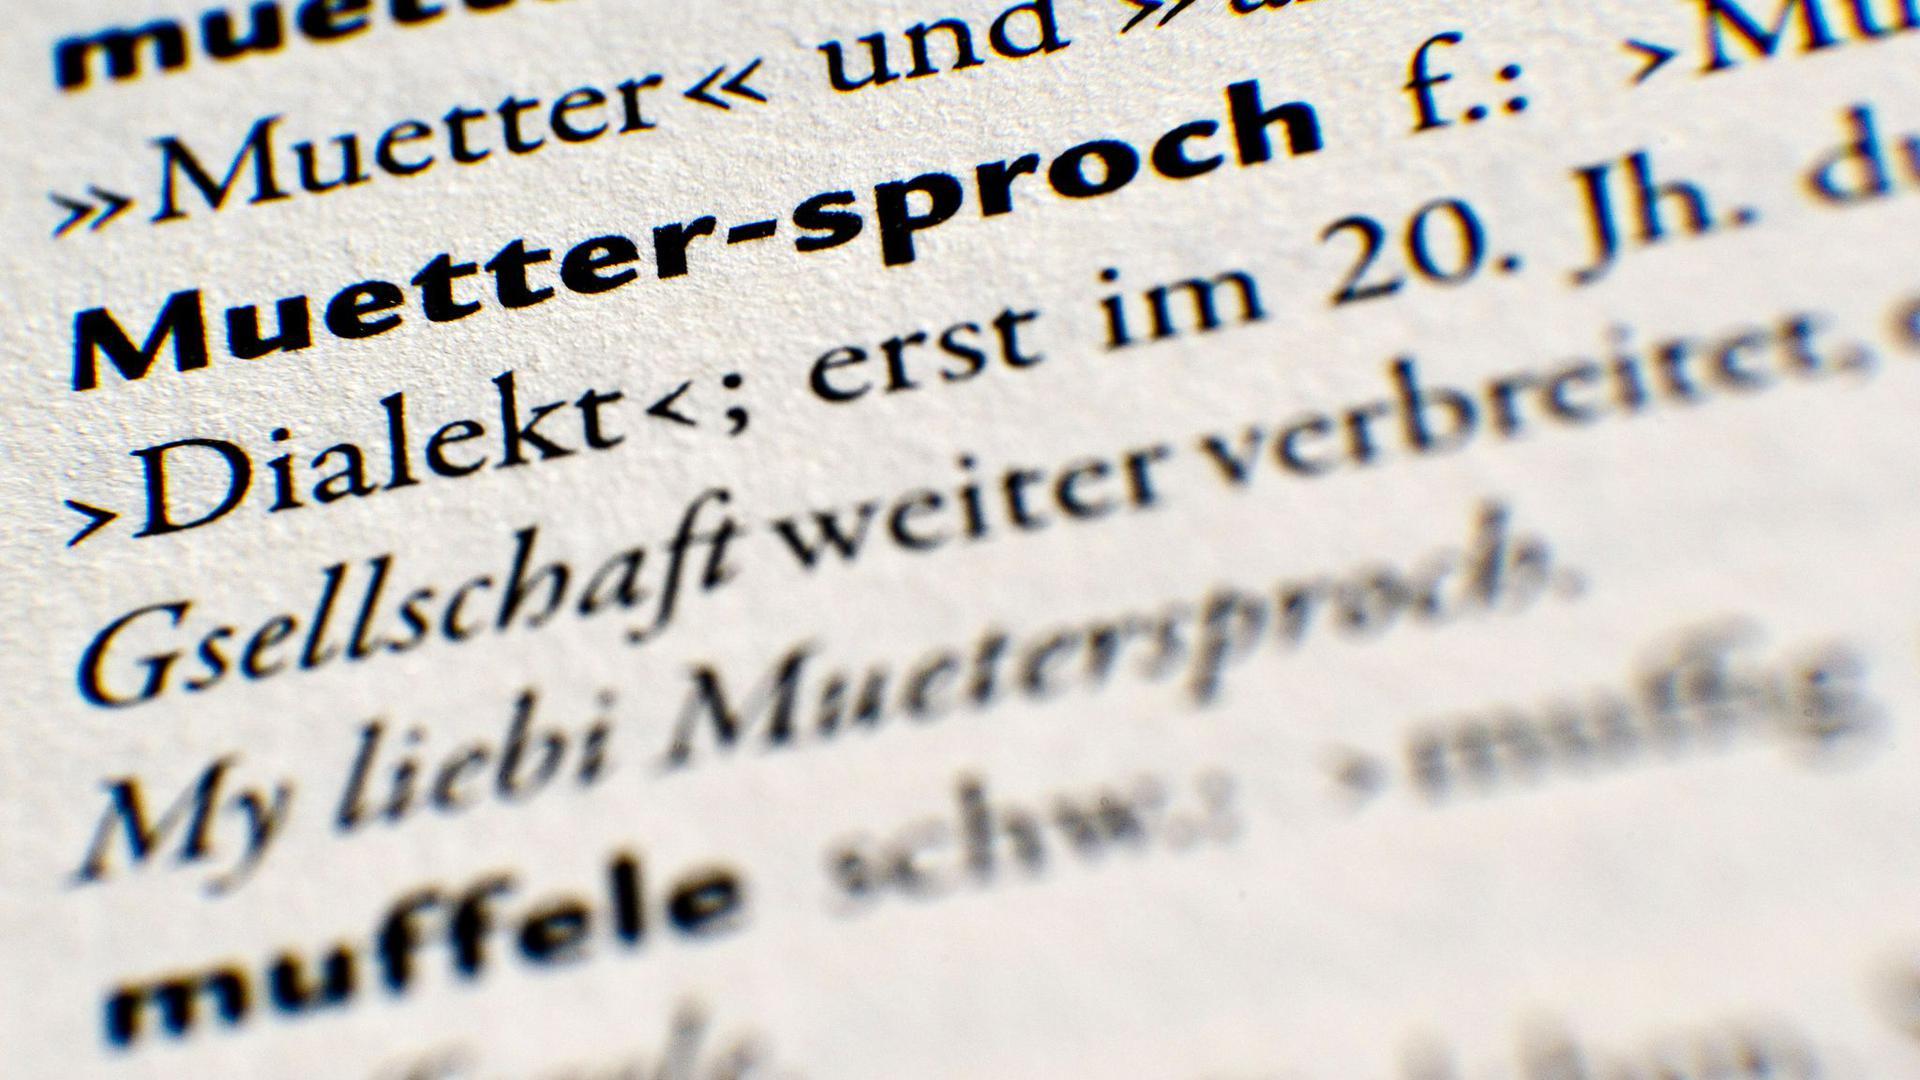 """""""Muettersproch"""" (Muttersprache) ist in einem alemannischen Wörterbuch zu lesen."""